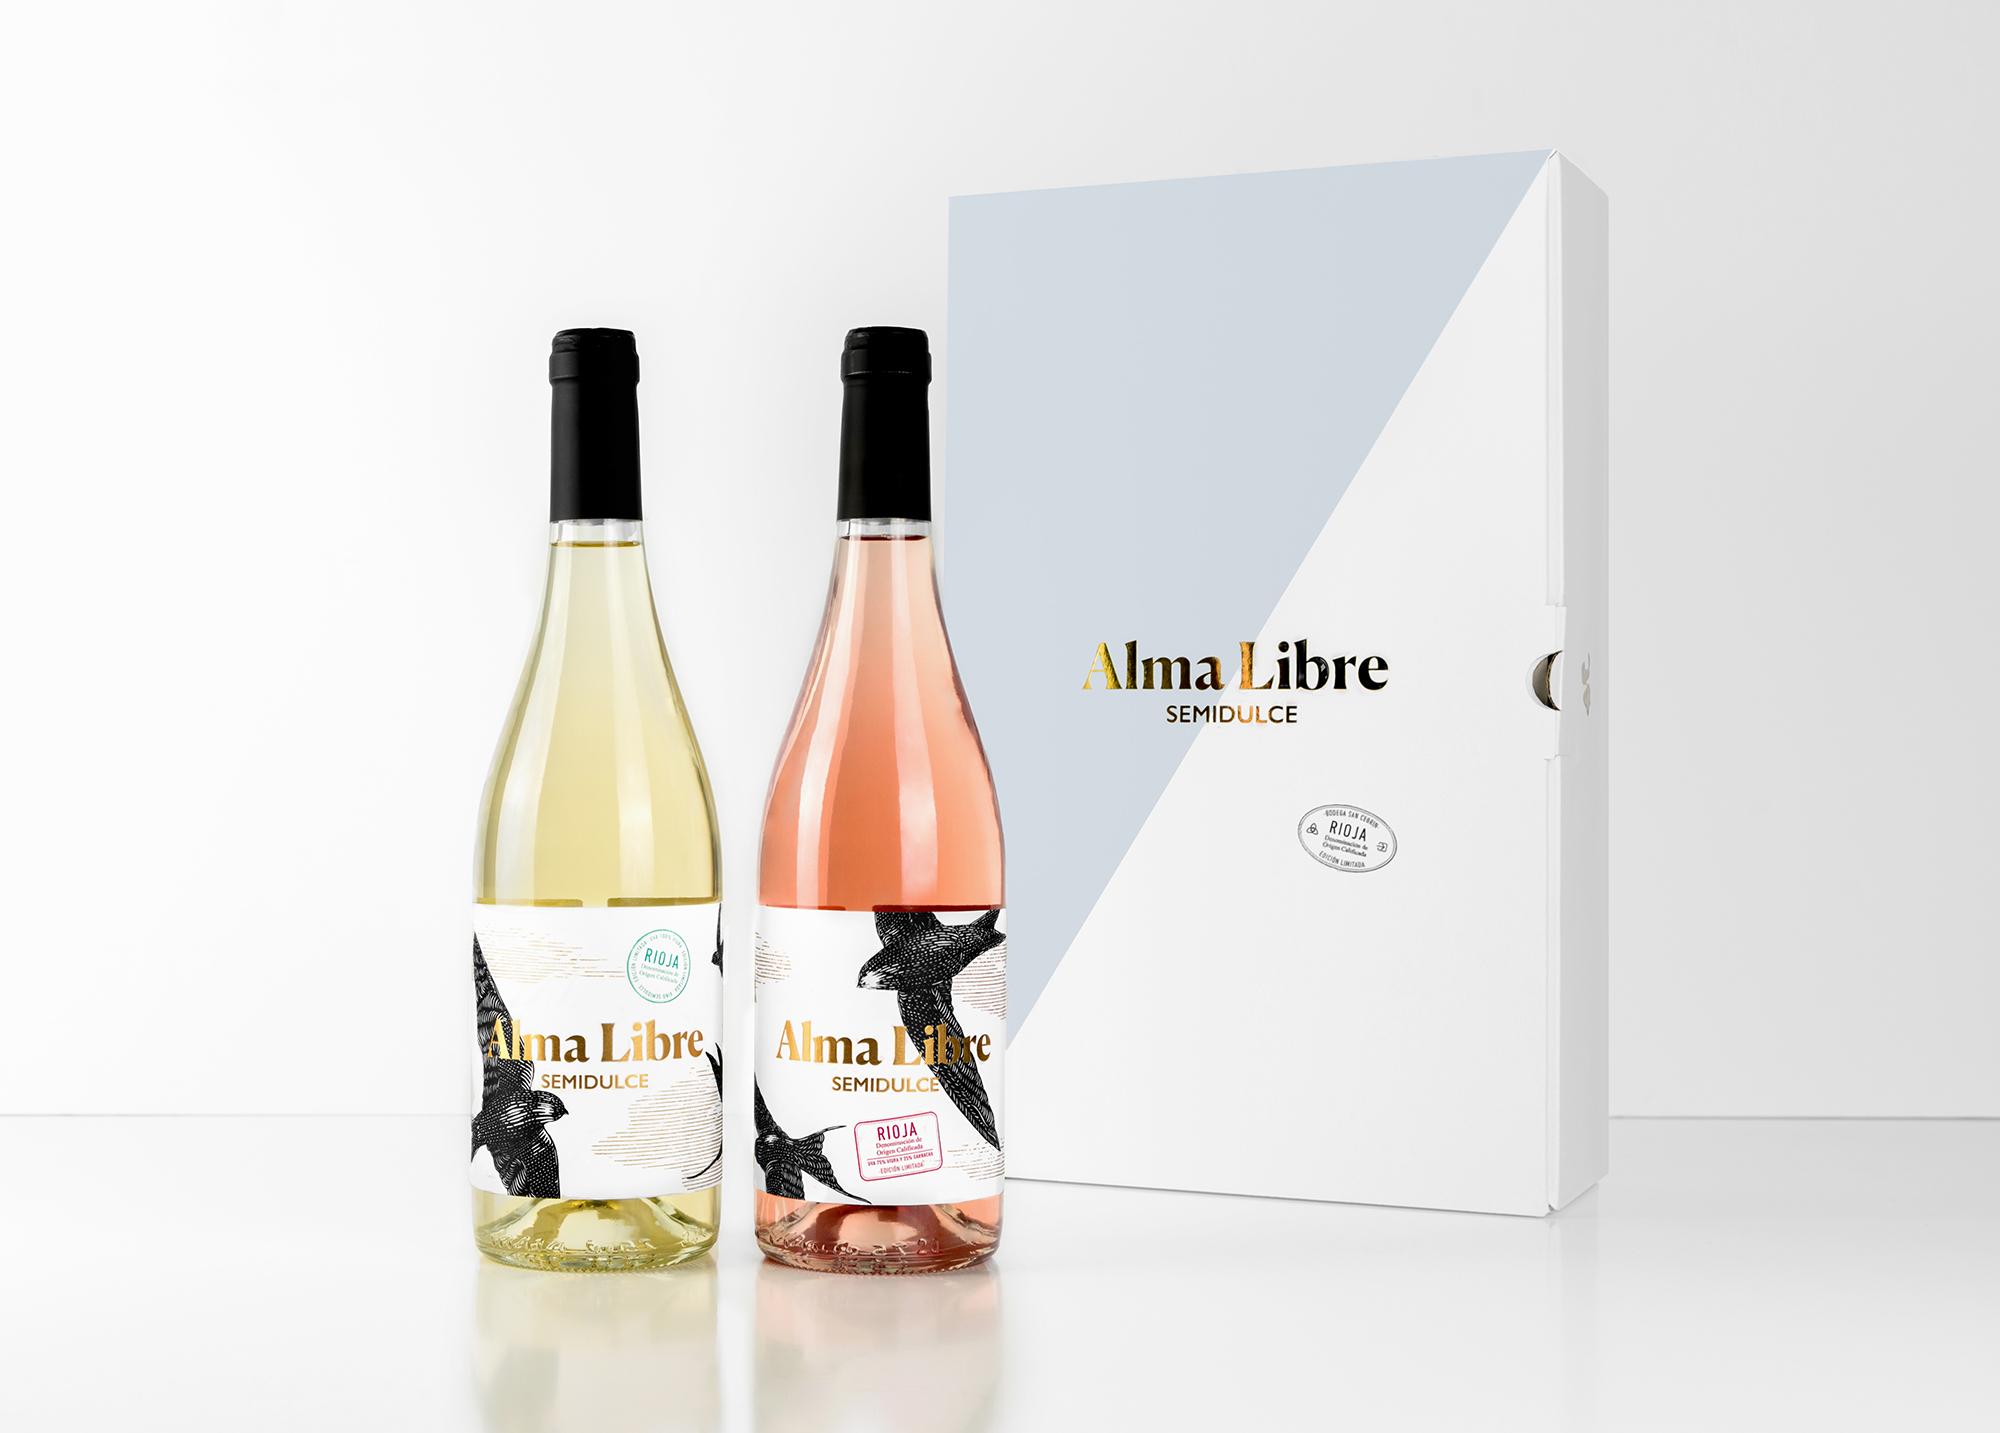 Fotografía y diseño de caja y botella Alma Libre.